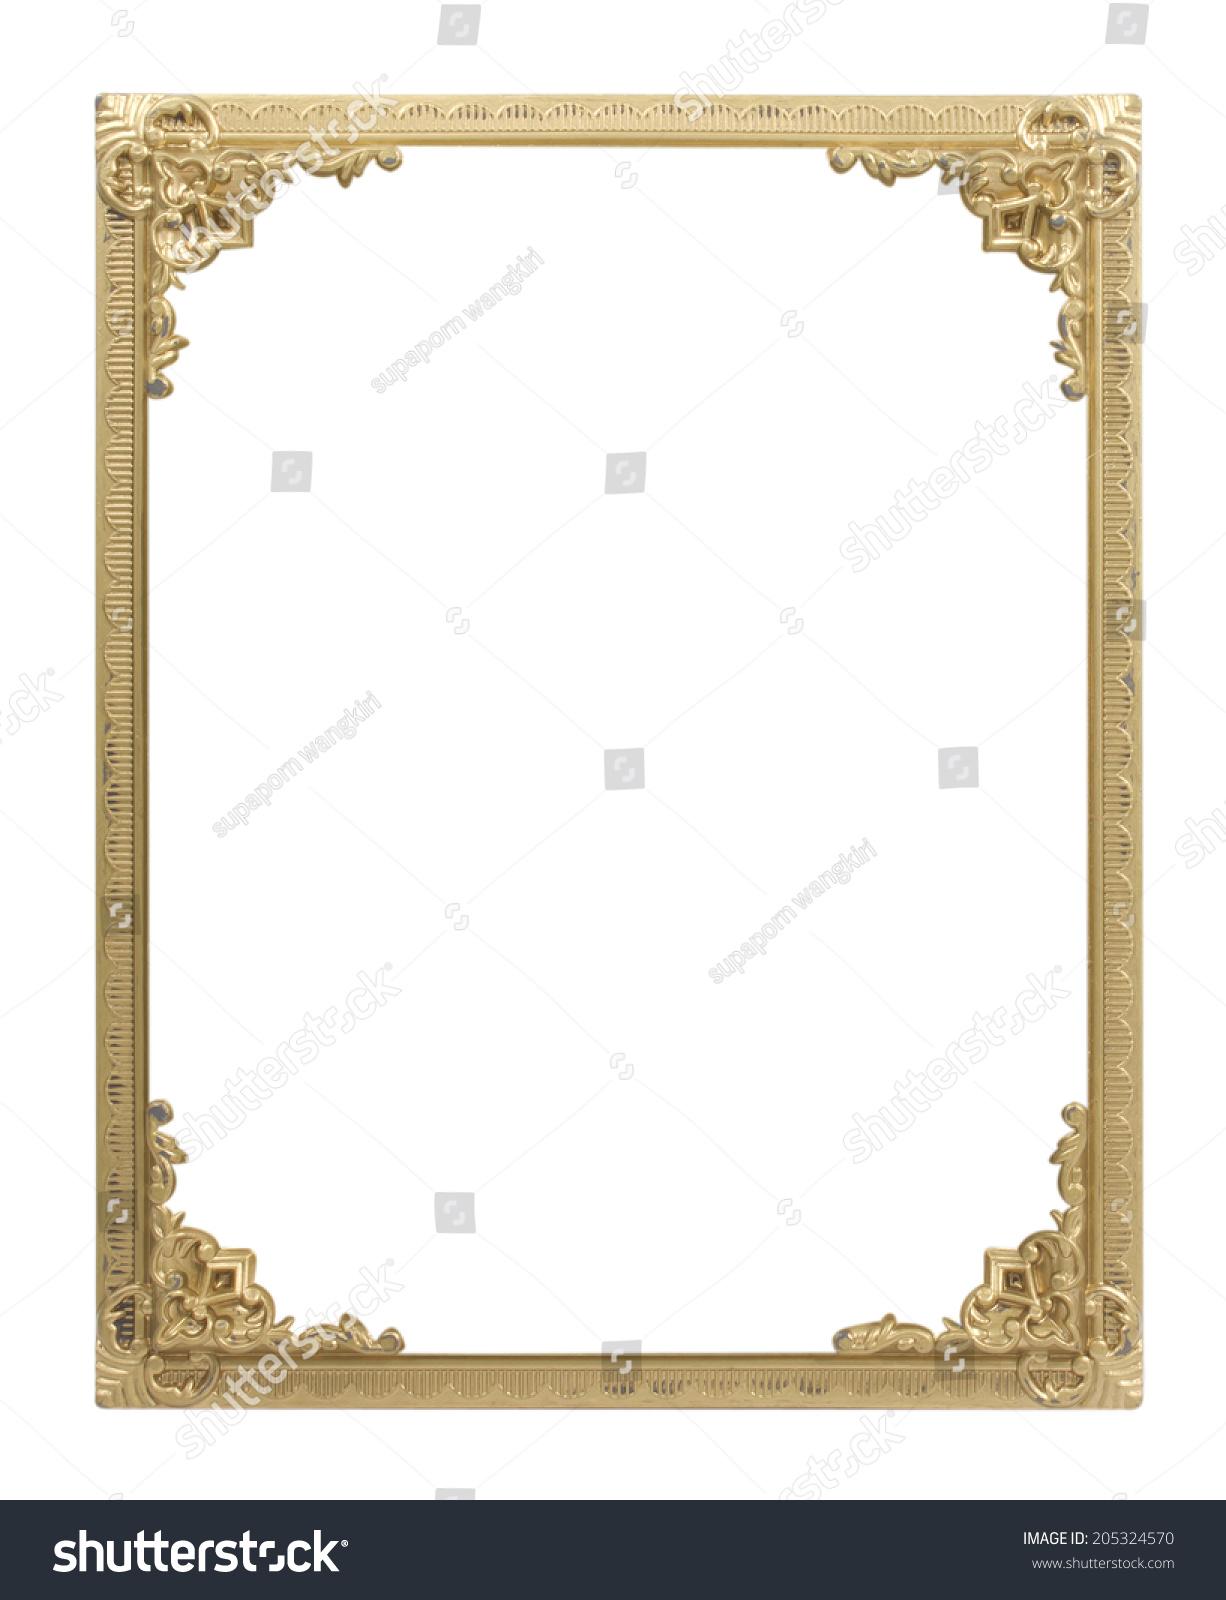 木仿古木相框孤立在白色背景。 - 背景/素材,工业 - 站酷海洛创意正版图片,视频,音乐素材交易平台 - Shutterstock中国独家合作伙伴 - 站酷旗下品牌